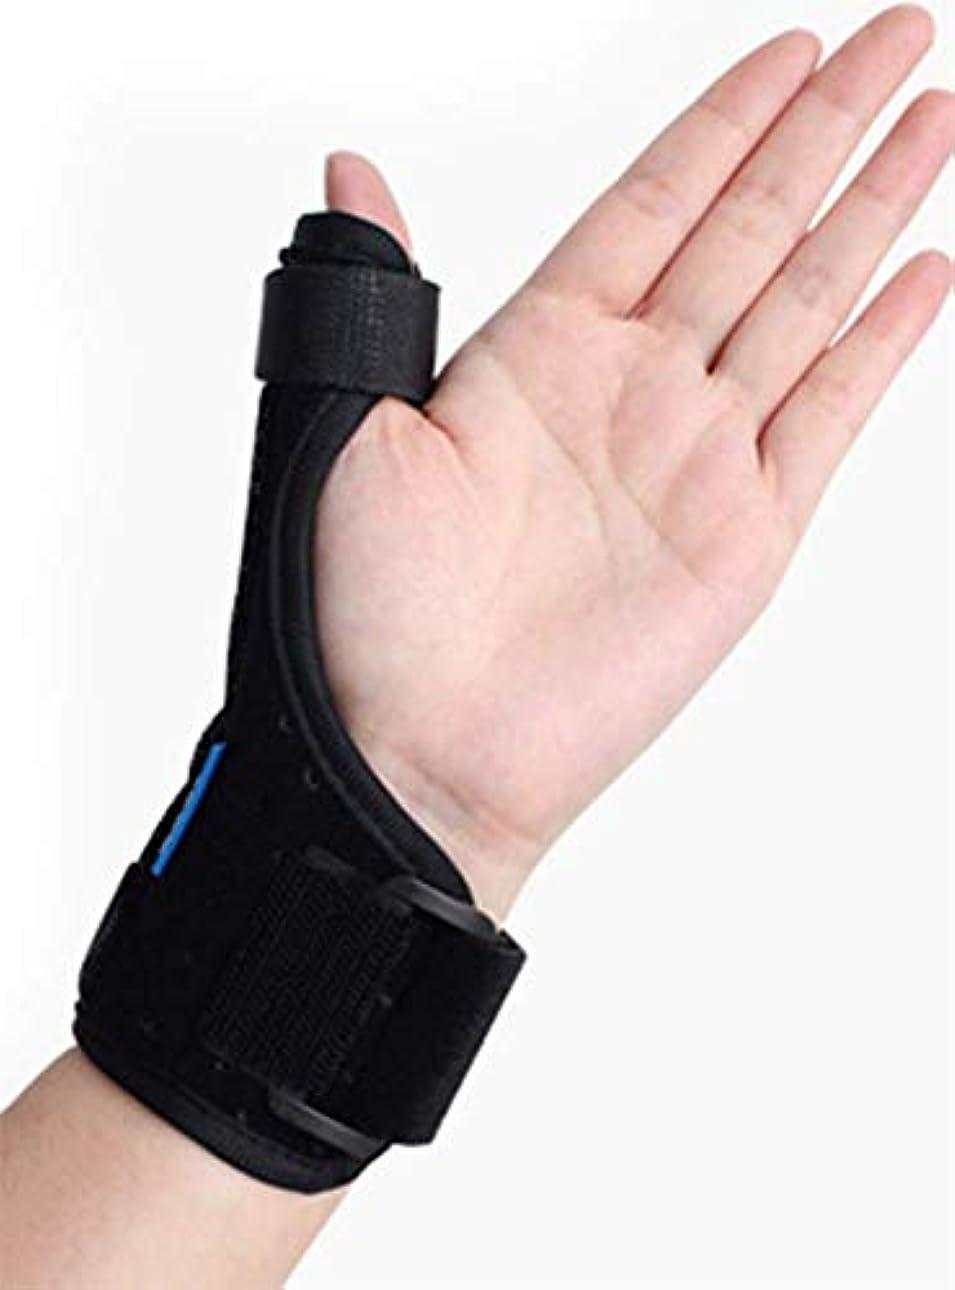 迅速驚いた訴える関節炎親指スプリント装具、手根管手首装具、親指イモビライザー、壊れた指/腱炎/急性捻/のためのトリガー指スプリント (標準)